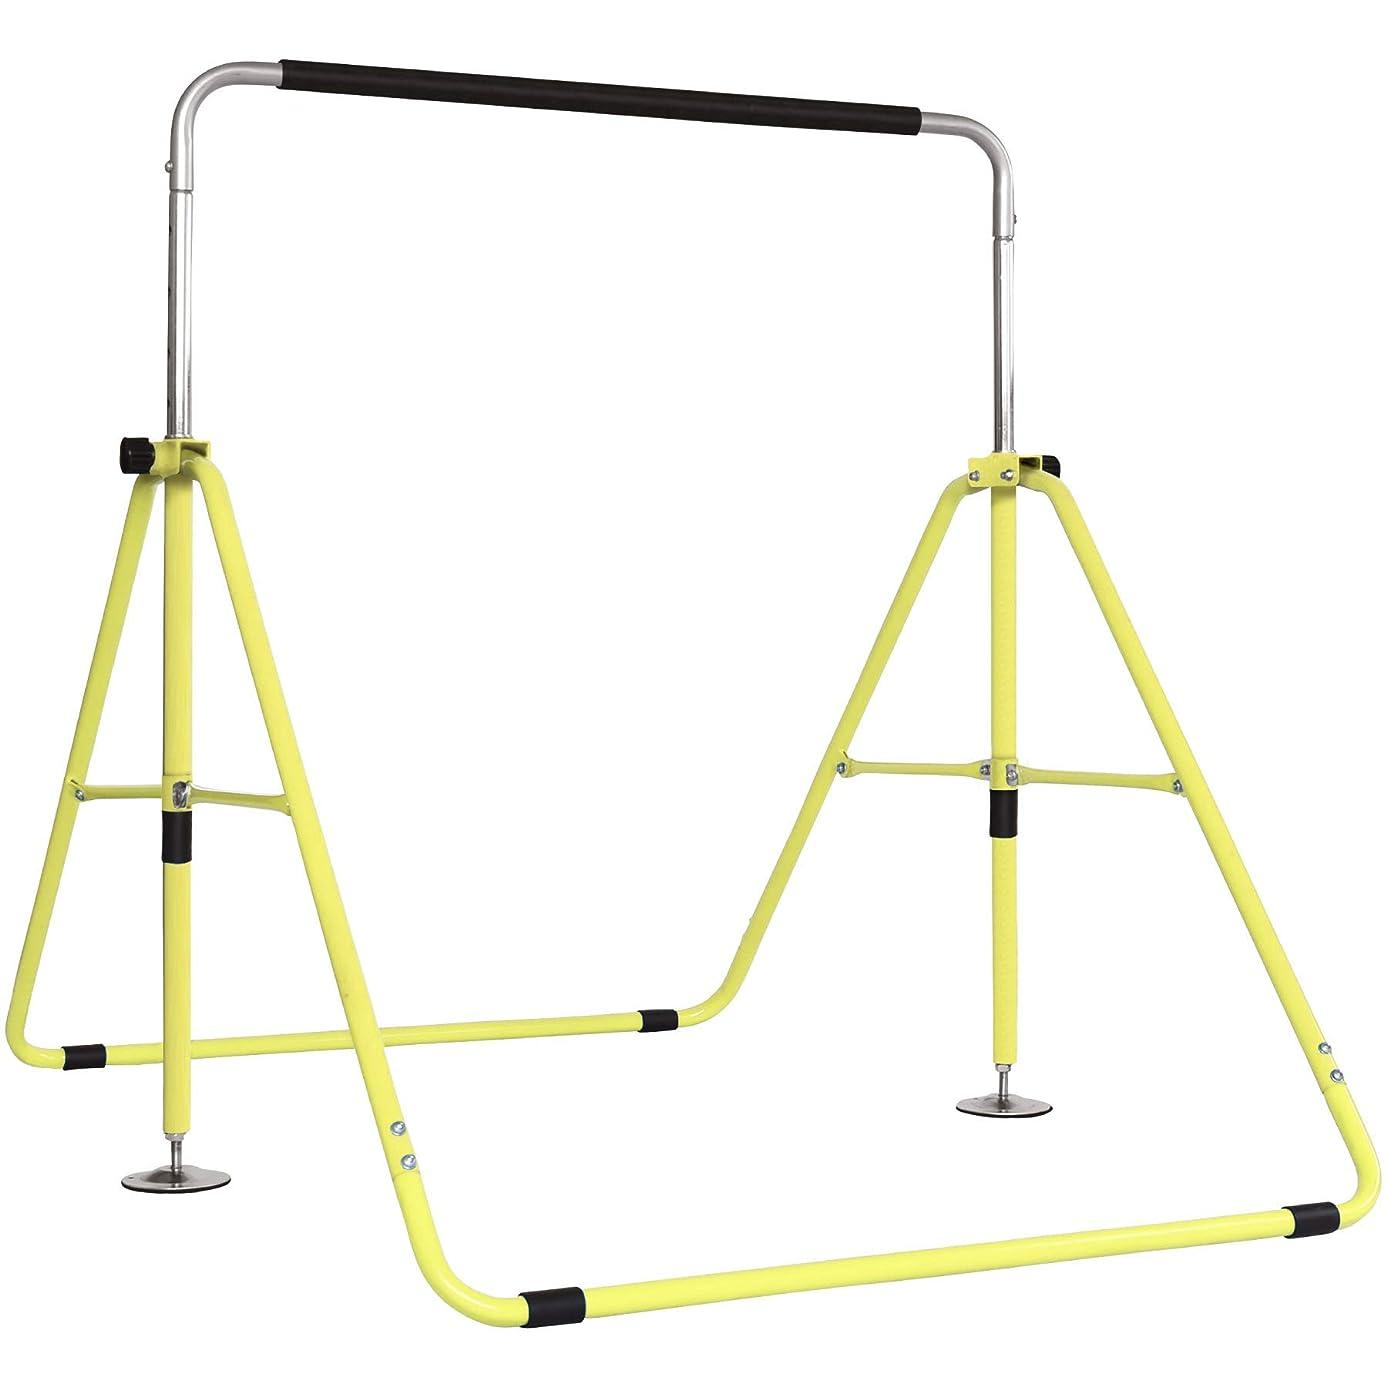 子供達助けて青YouTen(ユーテン) 鉄棒 子供用 てつぼう さか上がり キッズ 室内 折り畳み 高さ 調整 可能